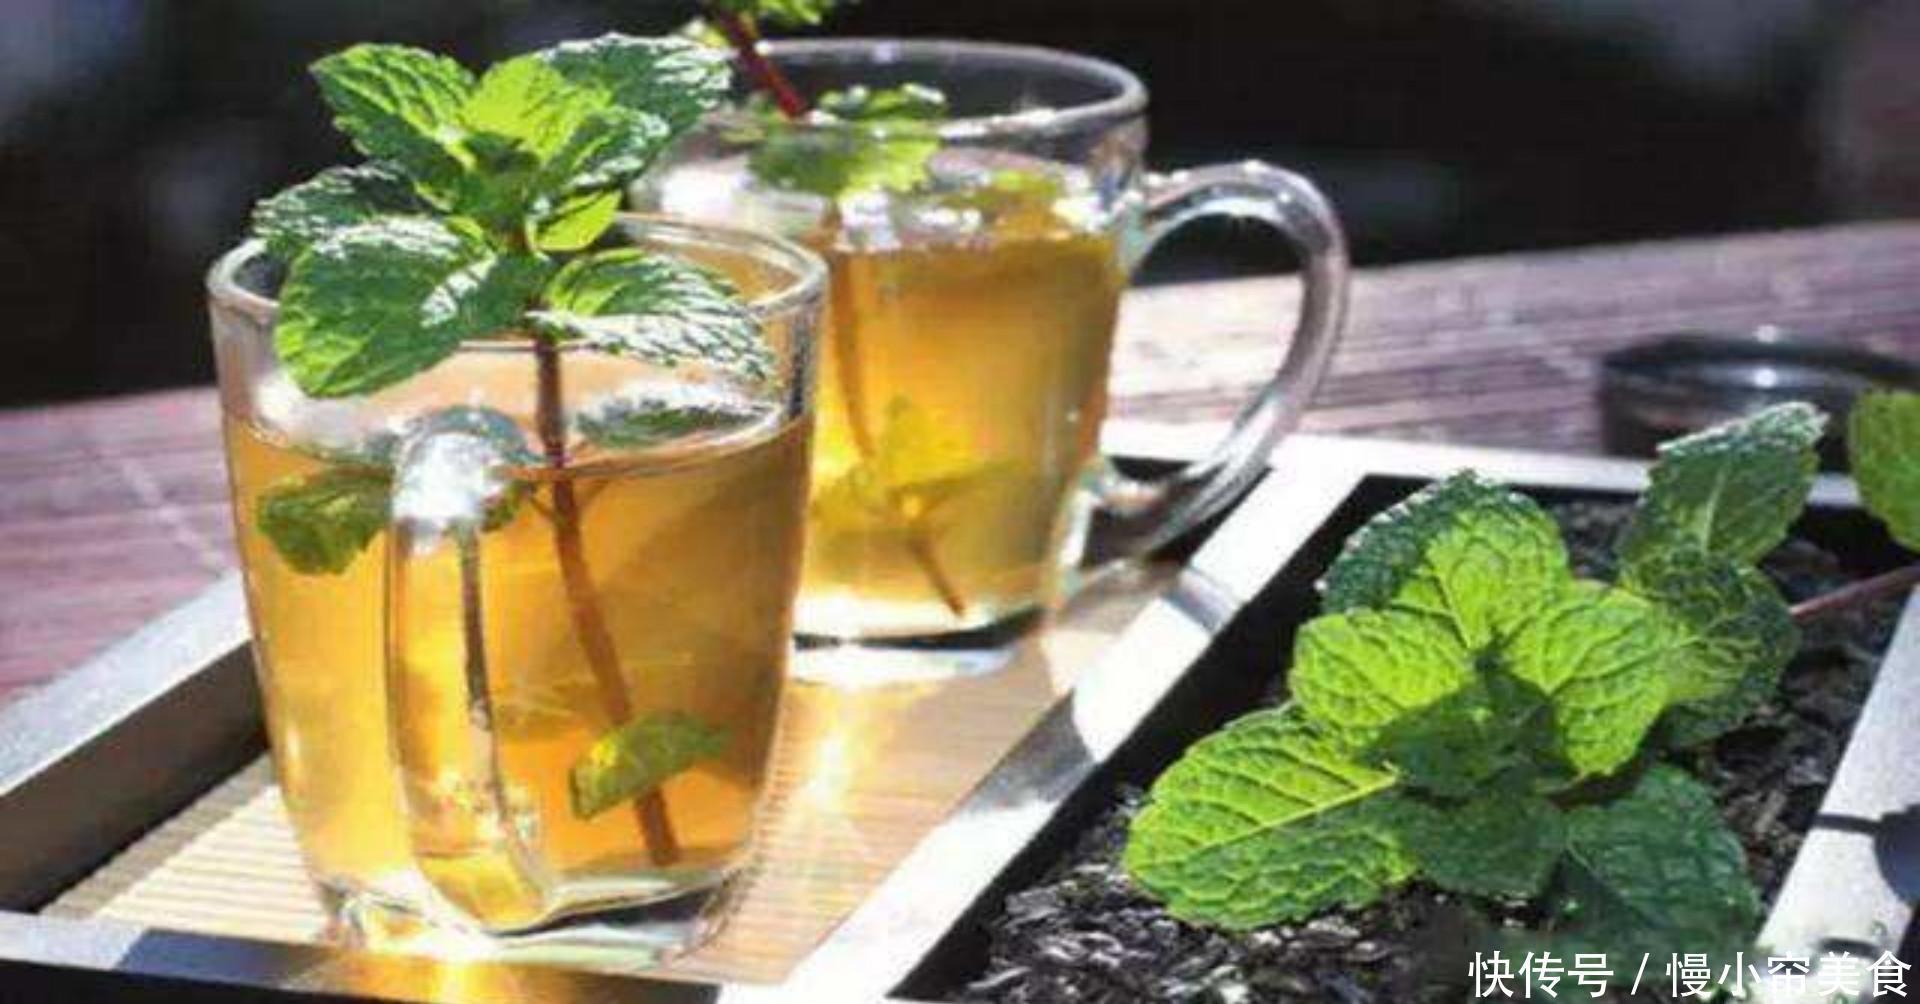 天气太热常常买饮料,不如学会自制饮料,营养健康且美味